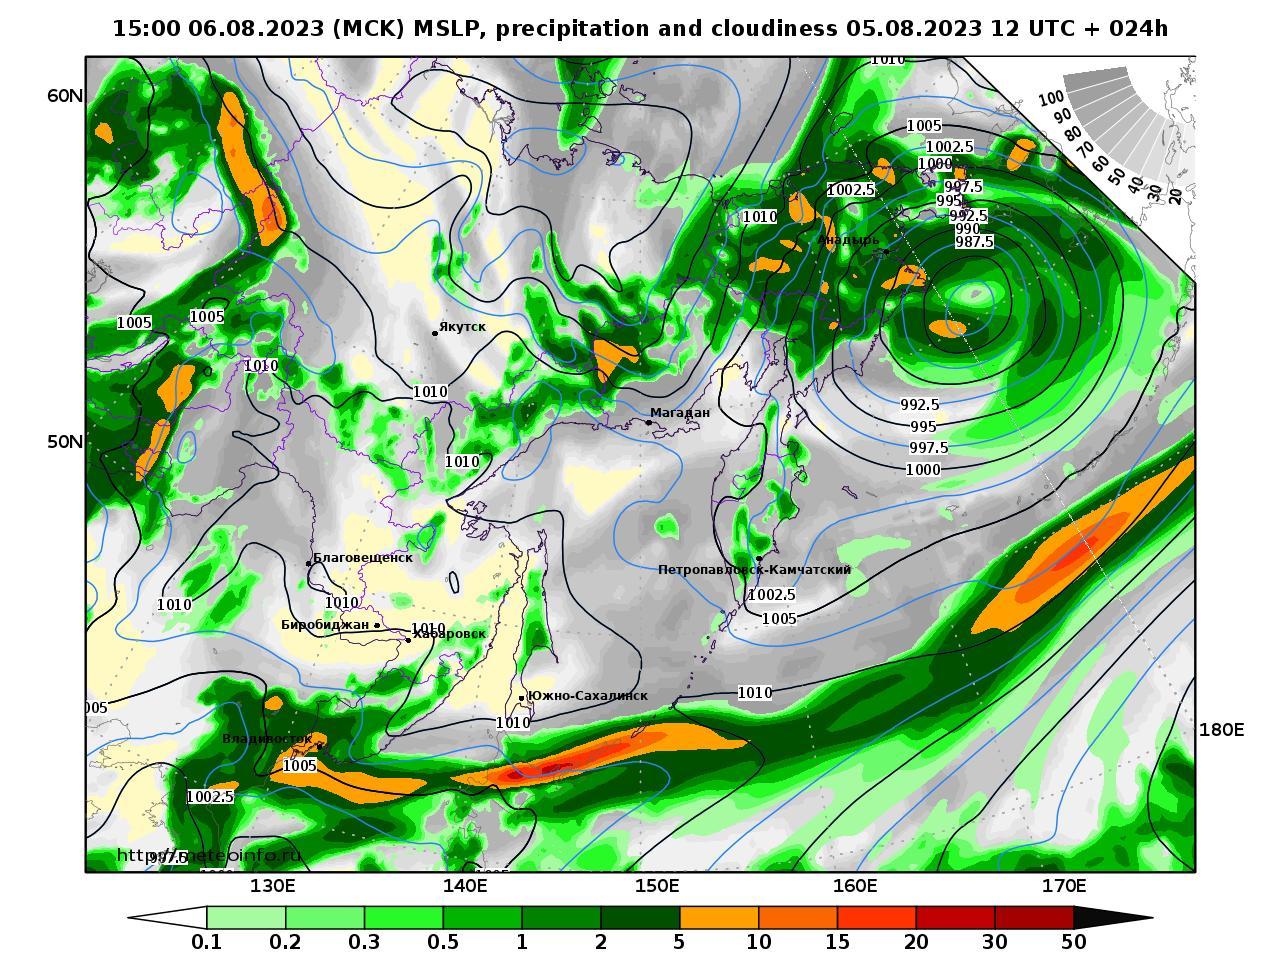 Дальний Восток, прогностическая карта осадки и давление, заблаговременность прогноза 24 часа